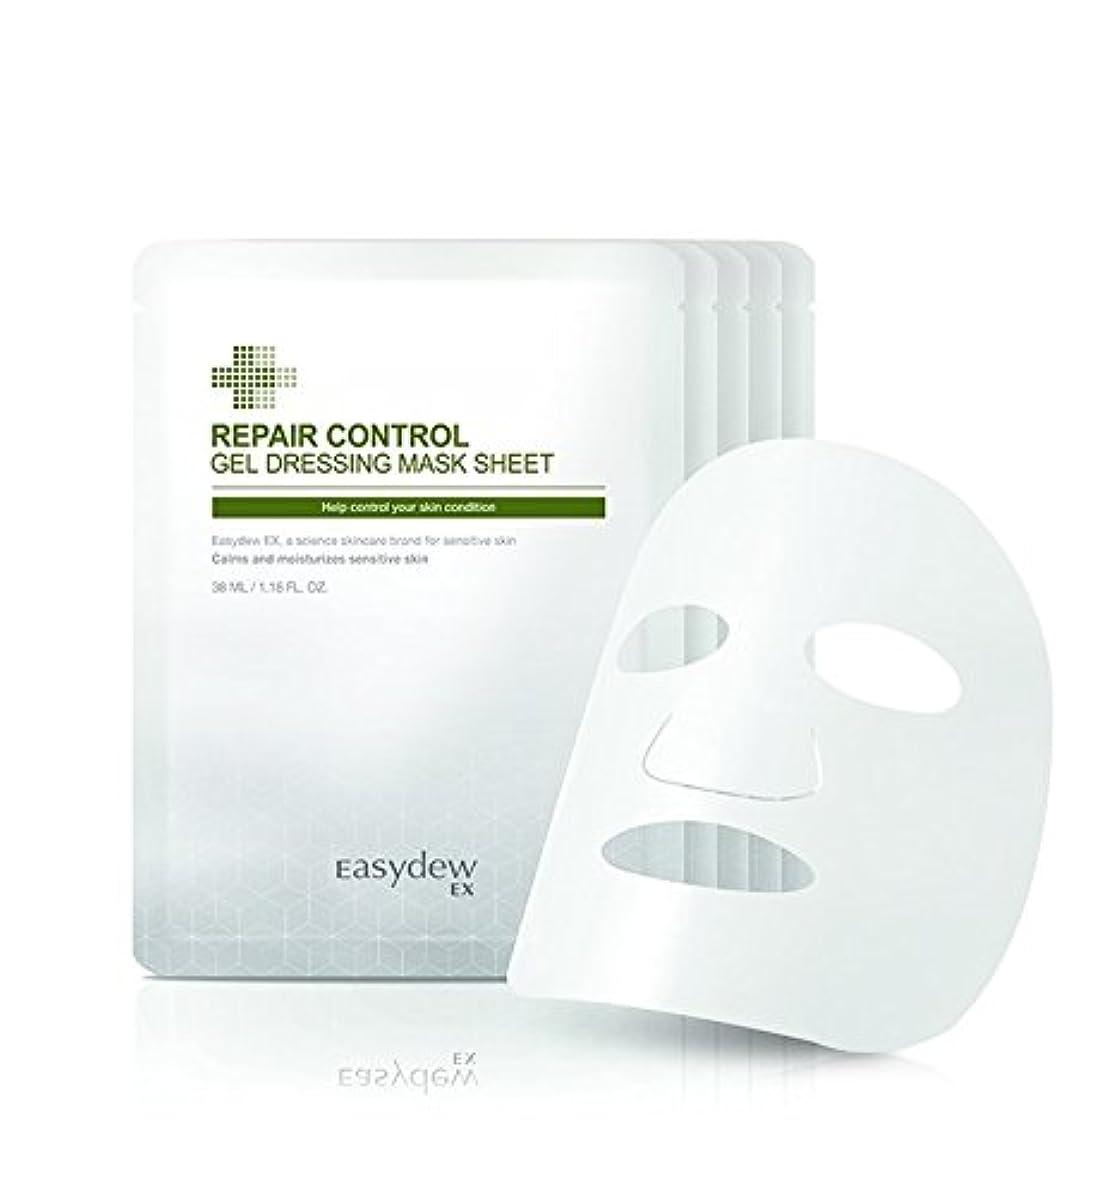 シンプトン拡散するケイ素デウン製薬 リペア コントロール ゲルドレッシング マスクシートー38ml X 5枚セット. Repair Control Gel Dressing Mask Sheet 38ml X 5P set.